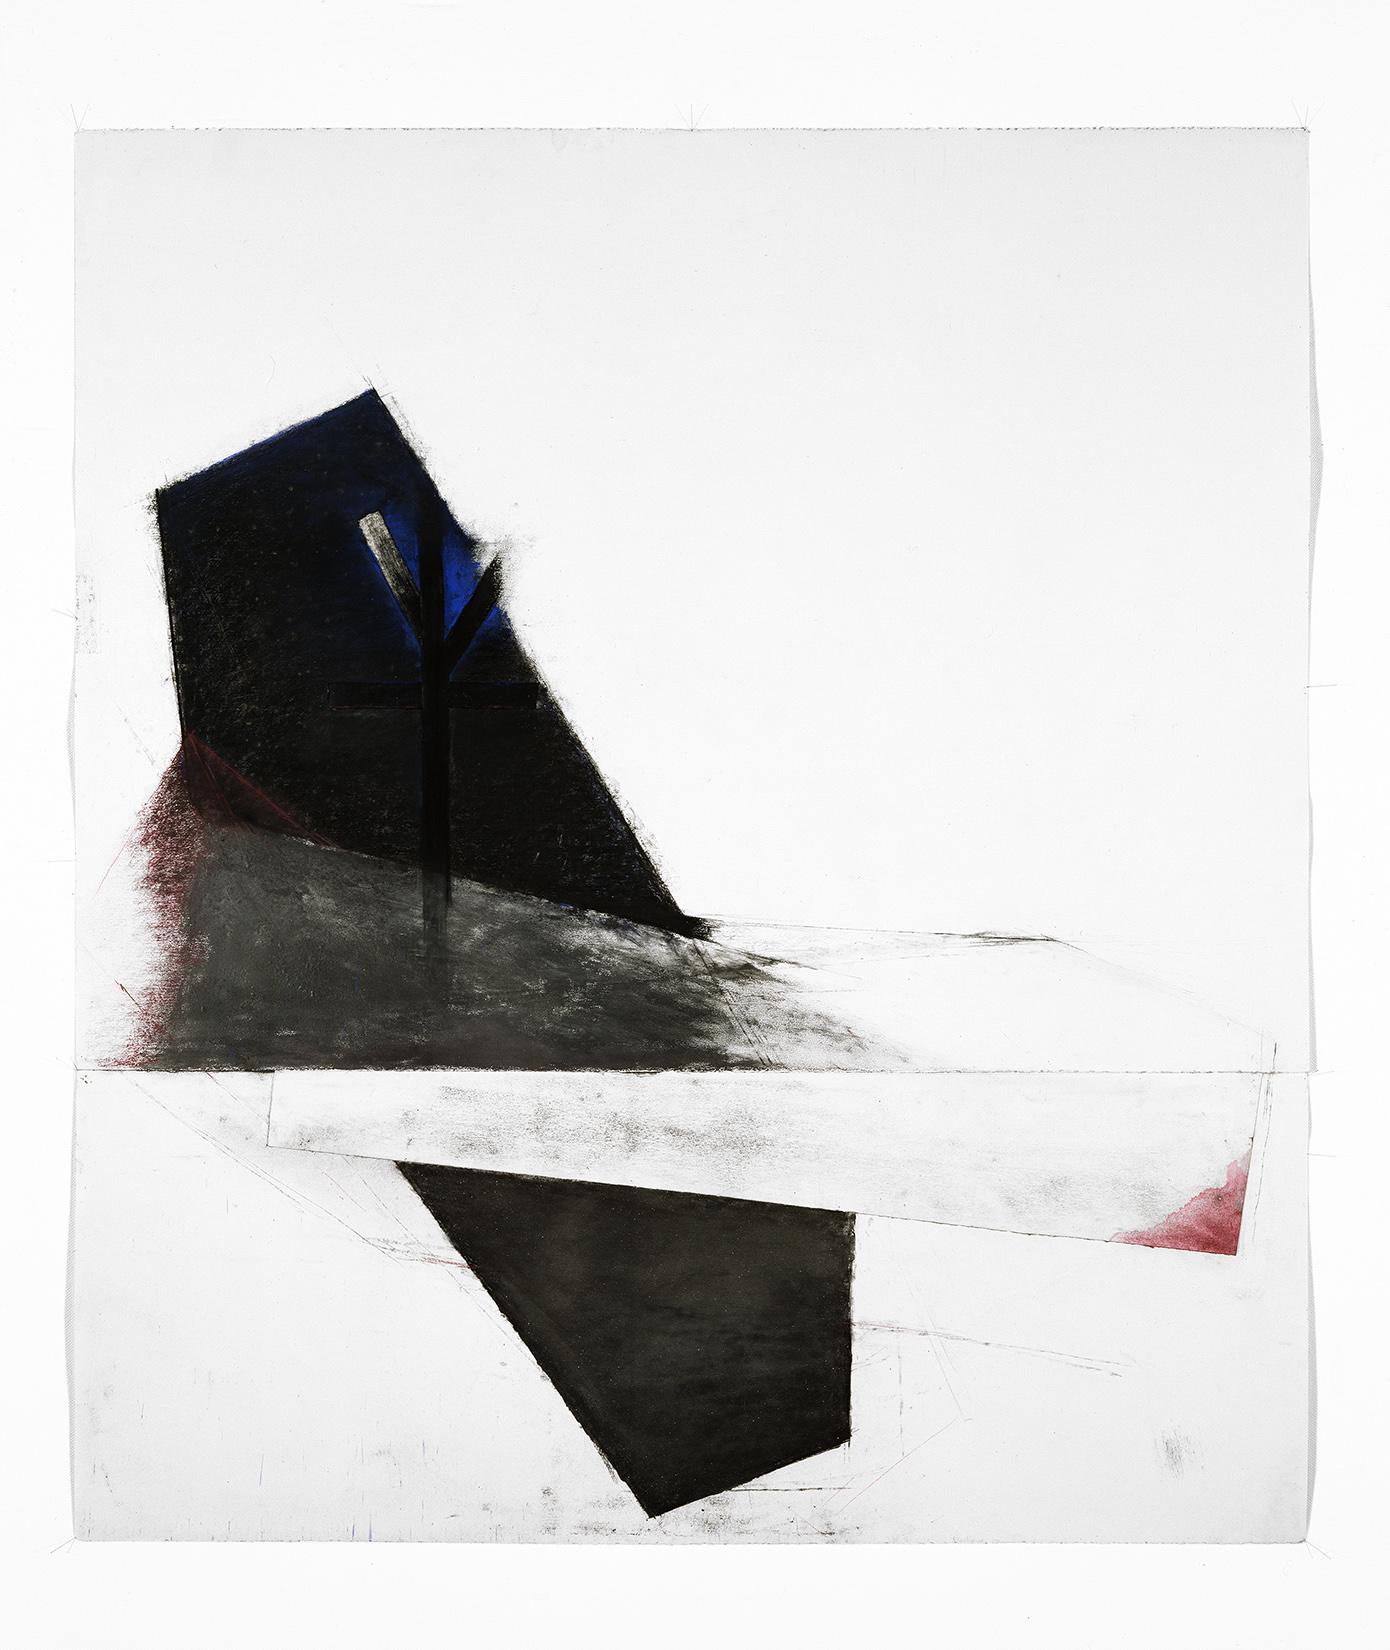 Sans titre  (1992)   Techniques mixes et papier collé sur papier Stonehenge, 145.5 x 127 cm, collection du Musée des beaux-arts de Québec. photo : Richard-Max Tremblay